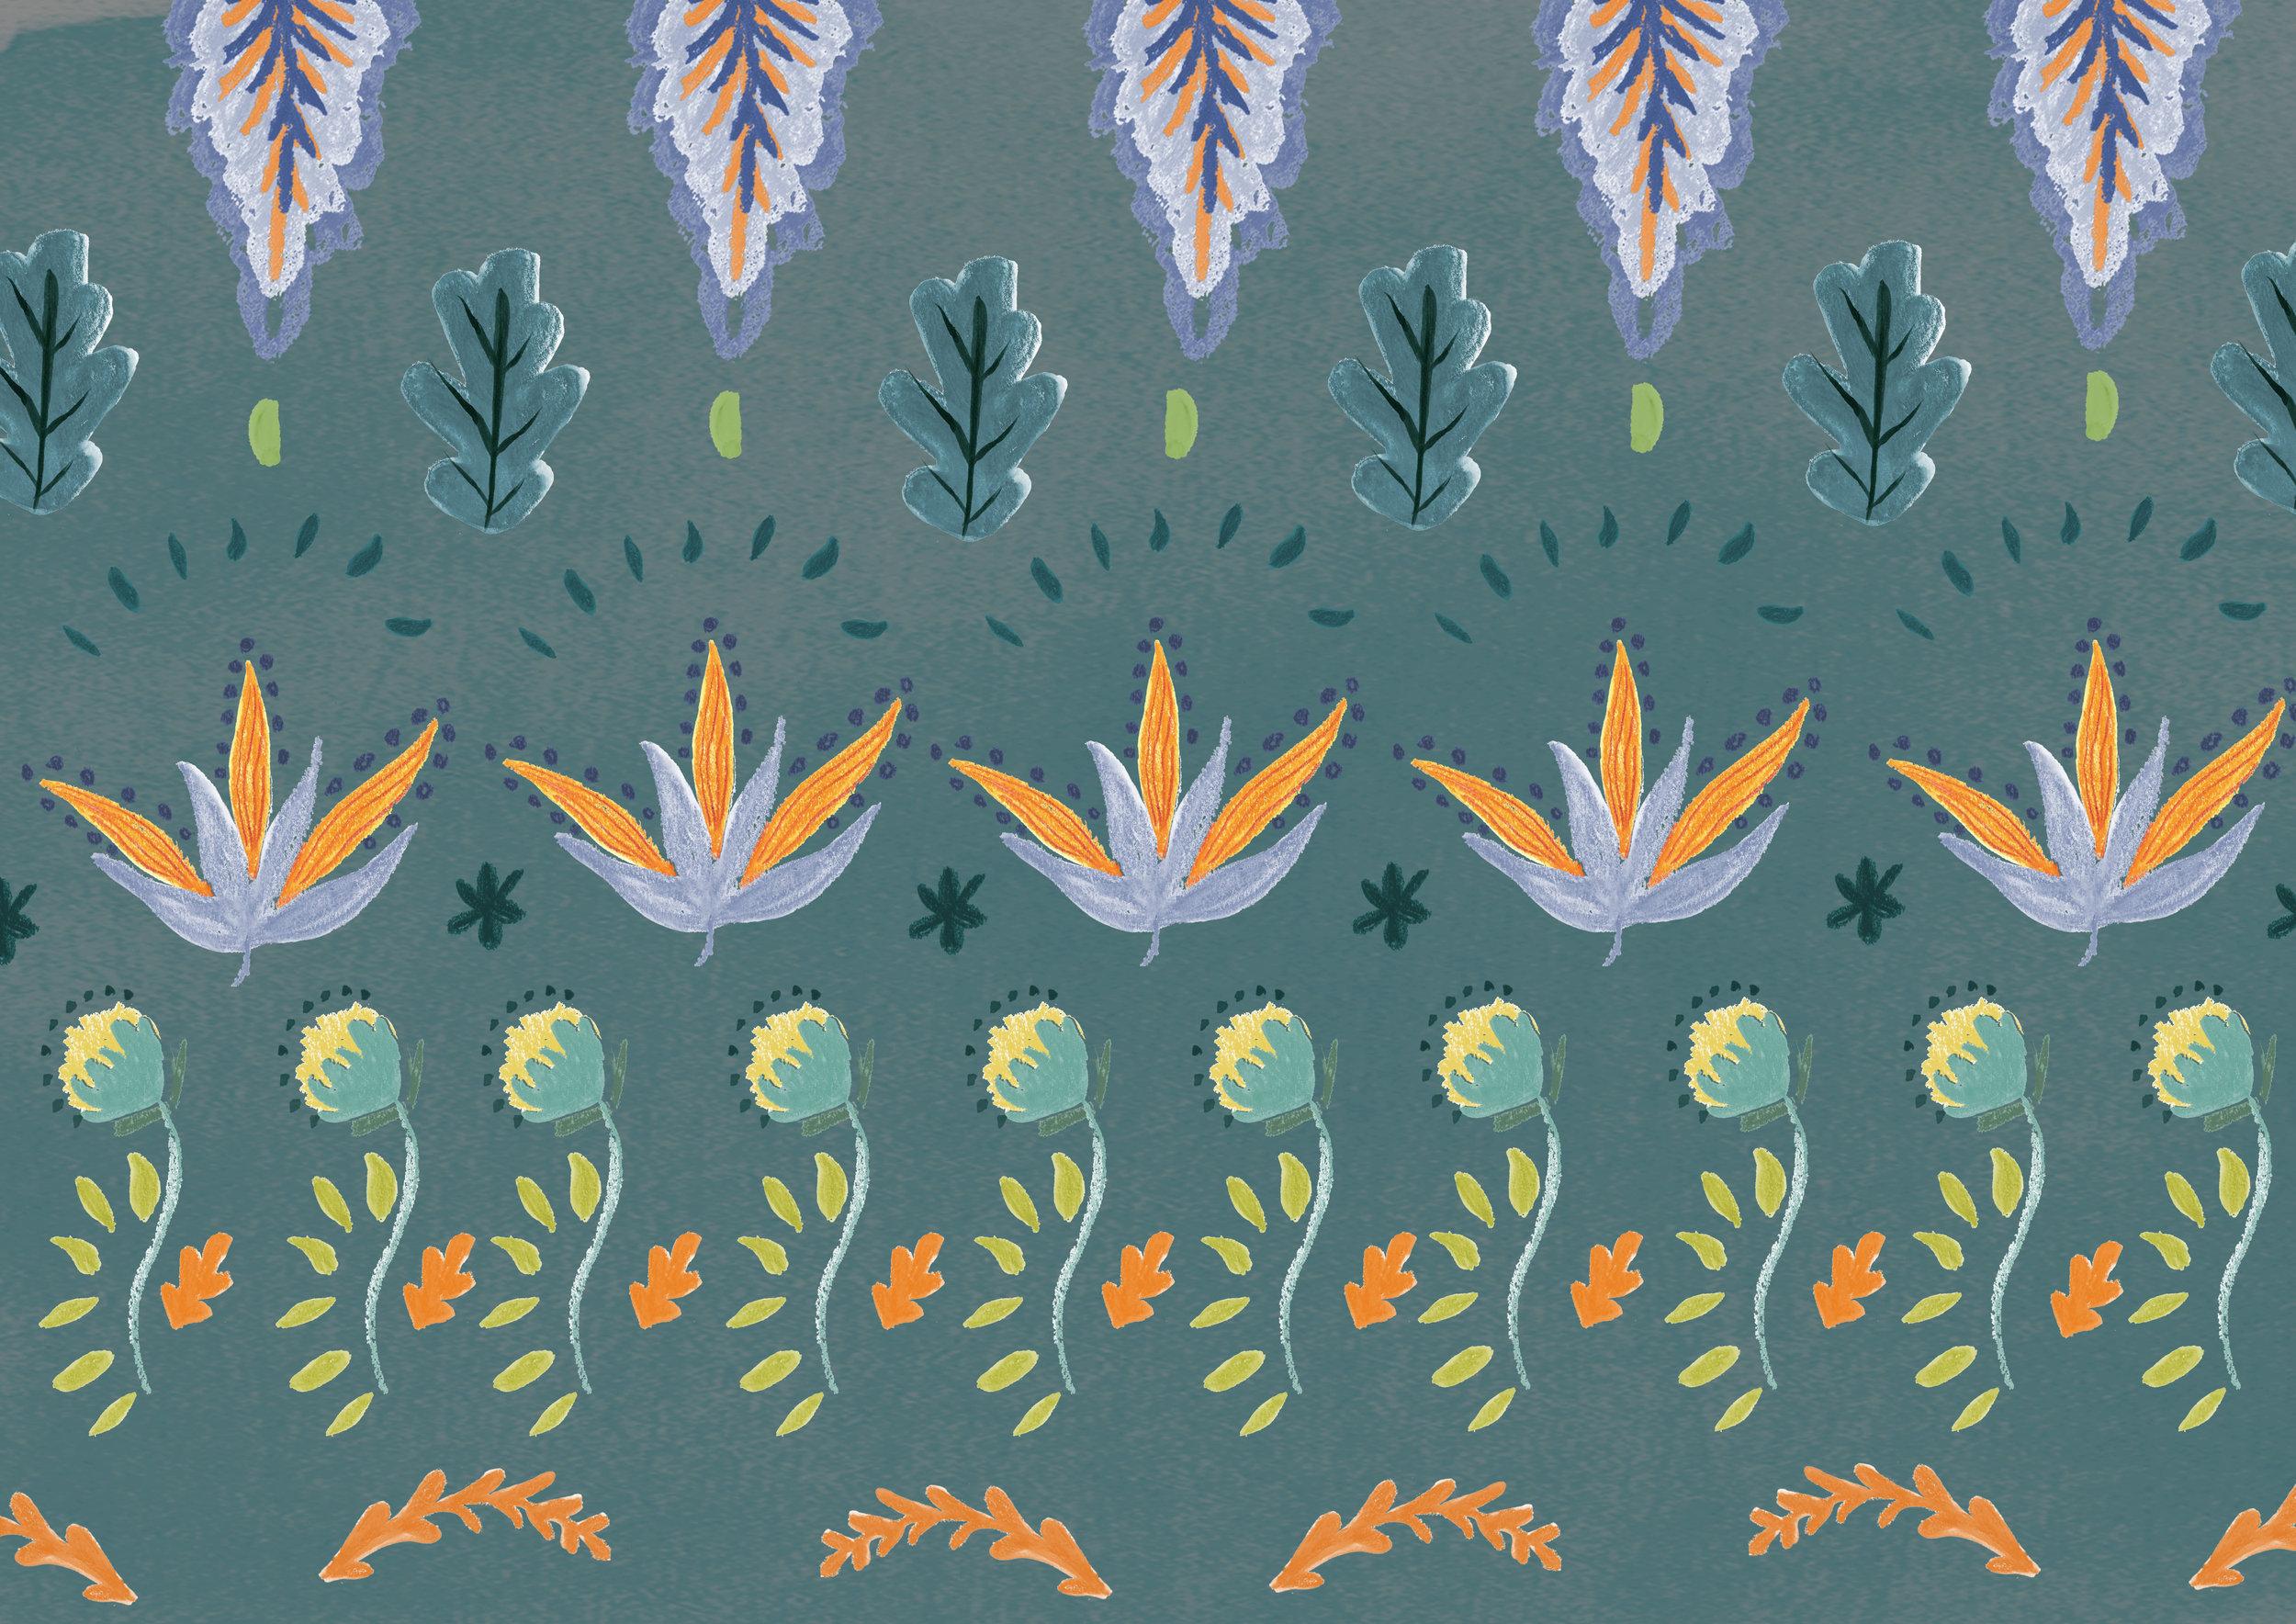 THEBLACKNWHITES_patterns patterns_C.jpg